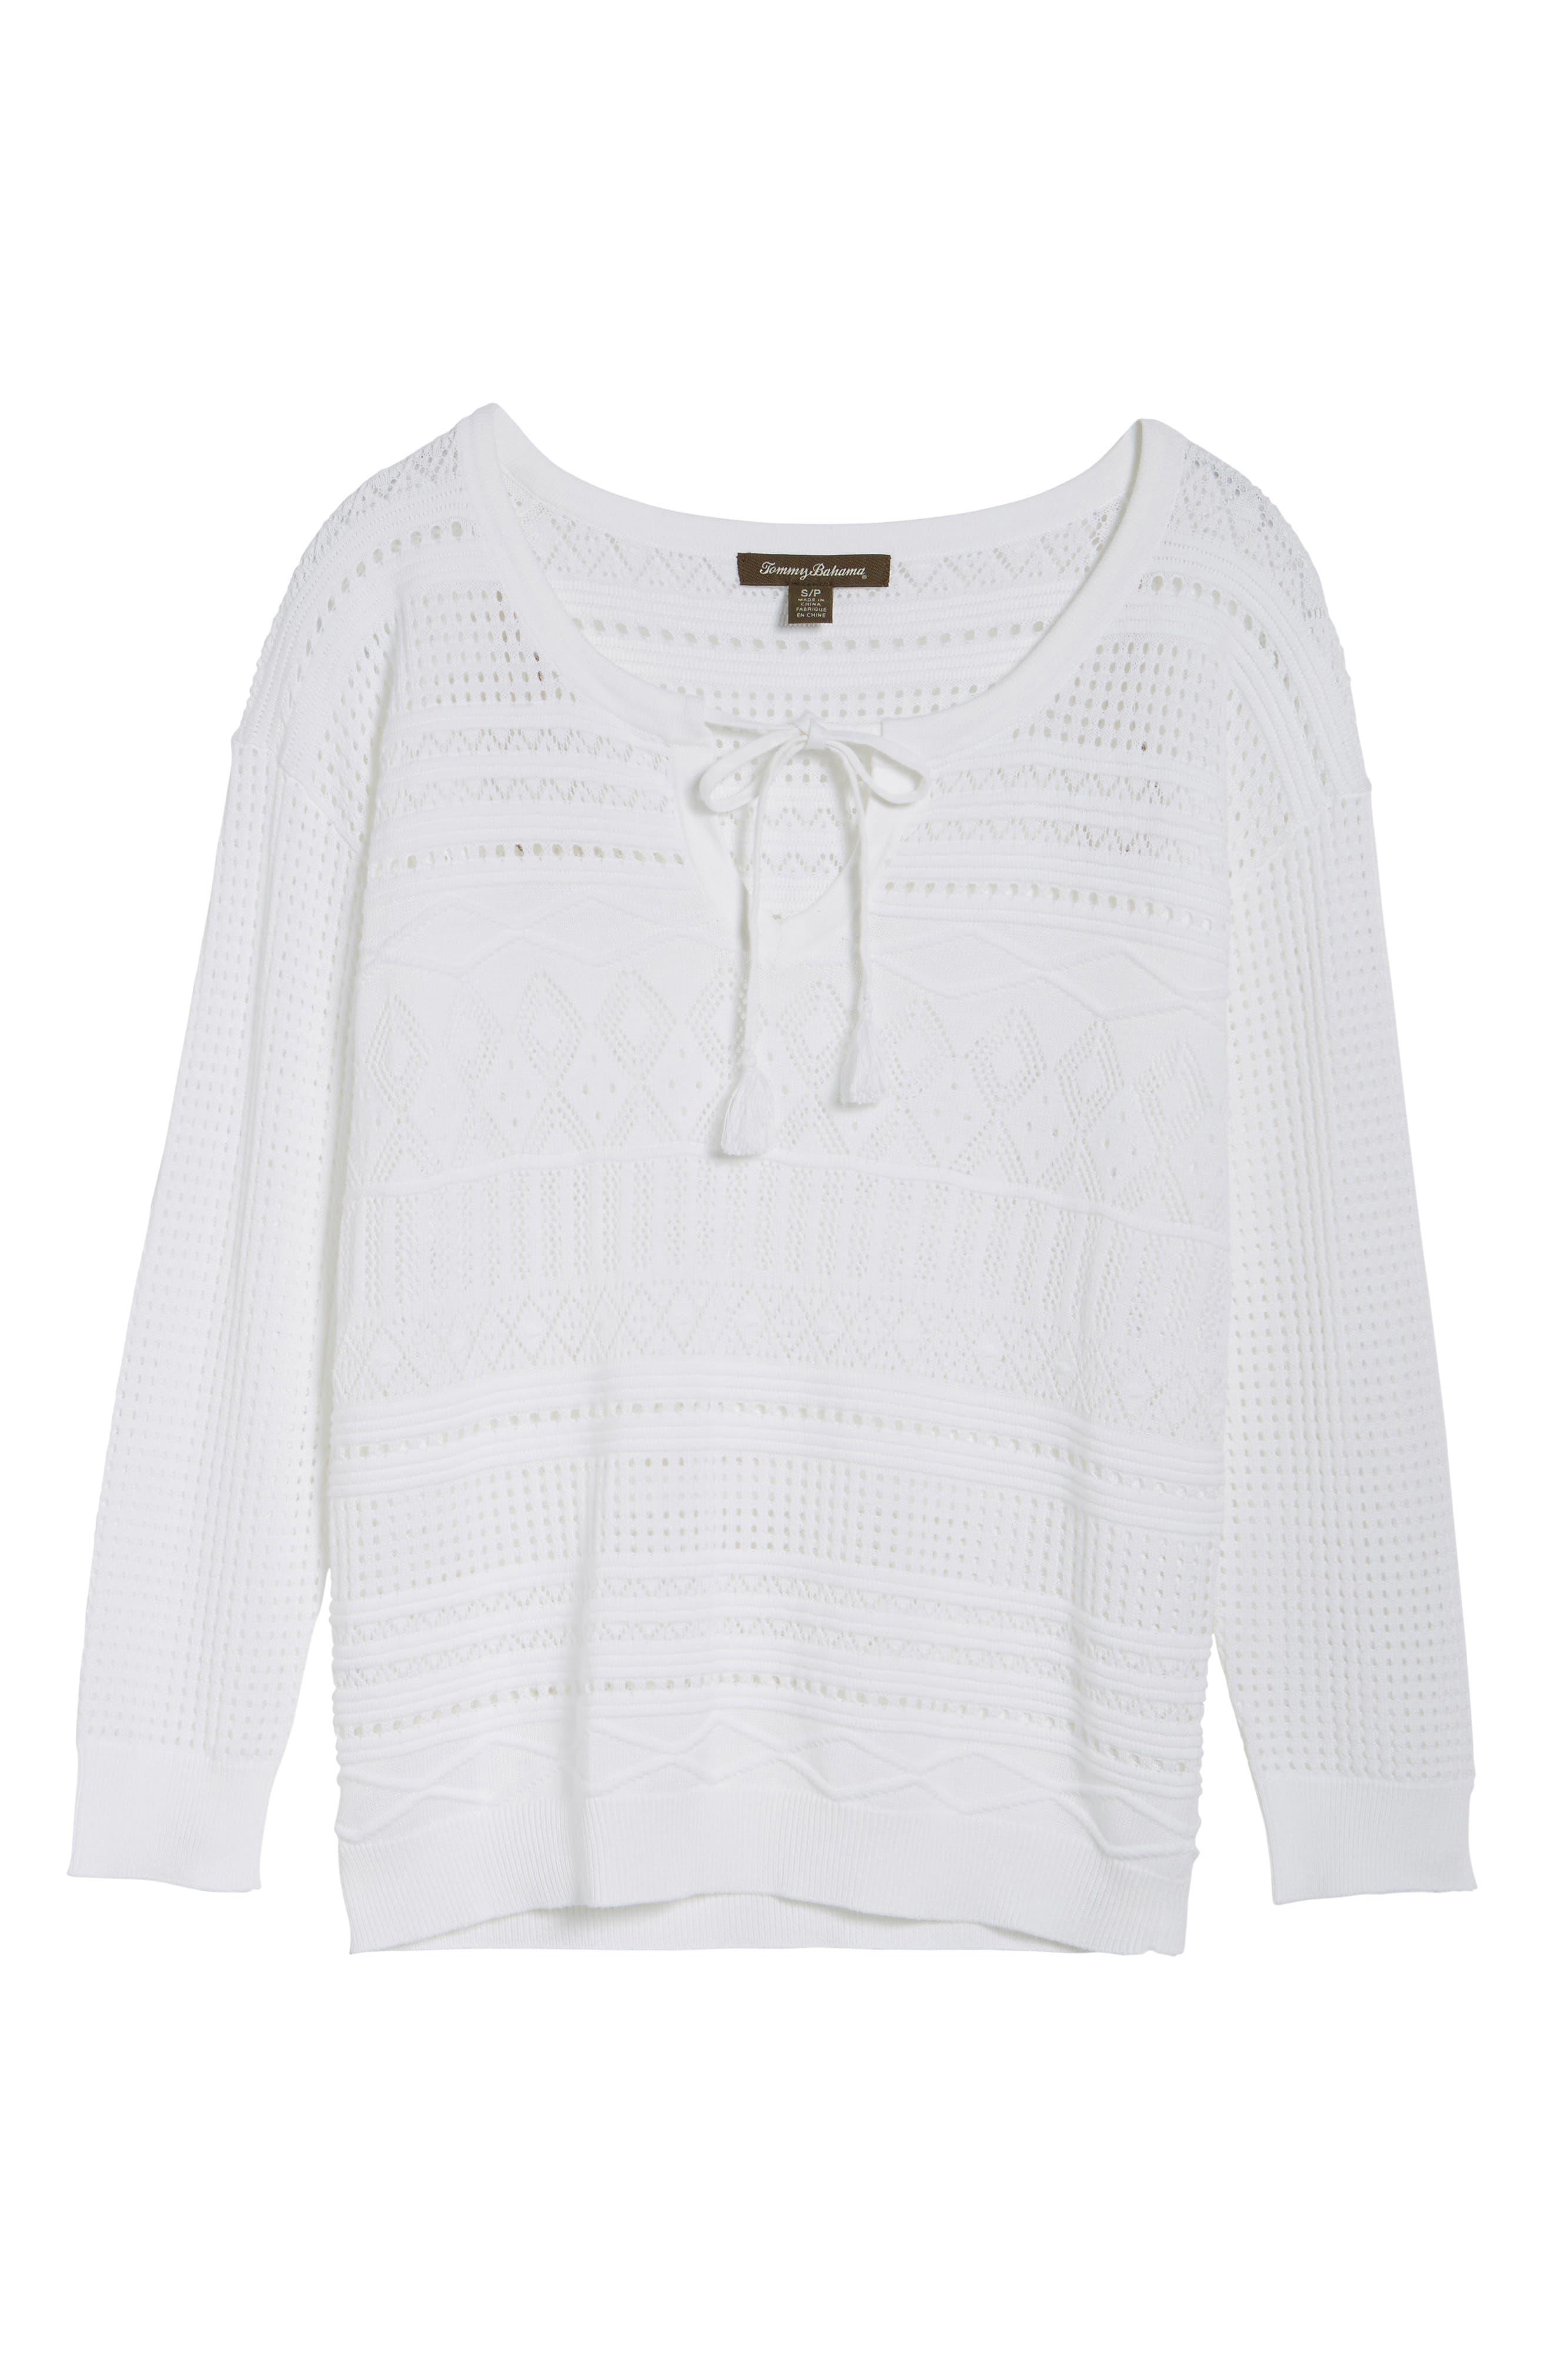 Pickford Pointelle Split Neck Sweater,                             Alternate thumbnail 6, color,                             100